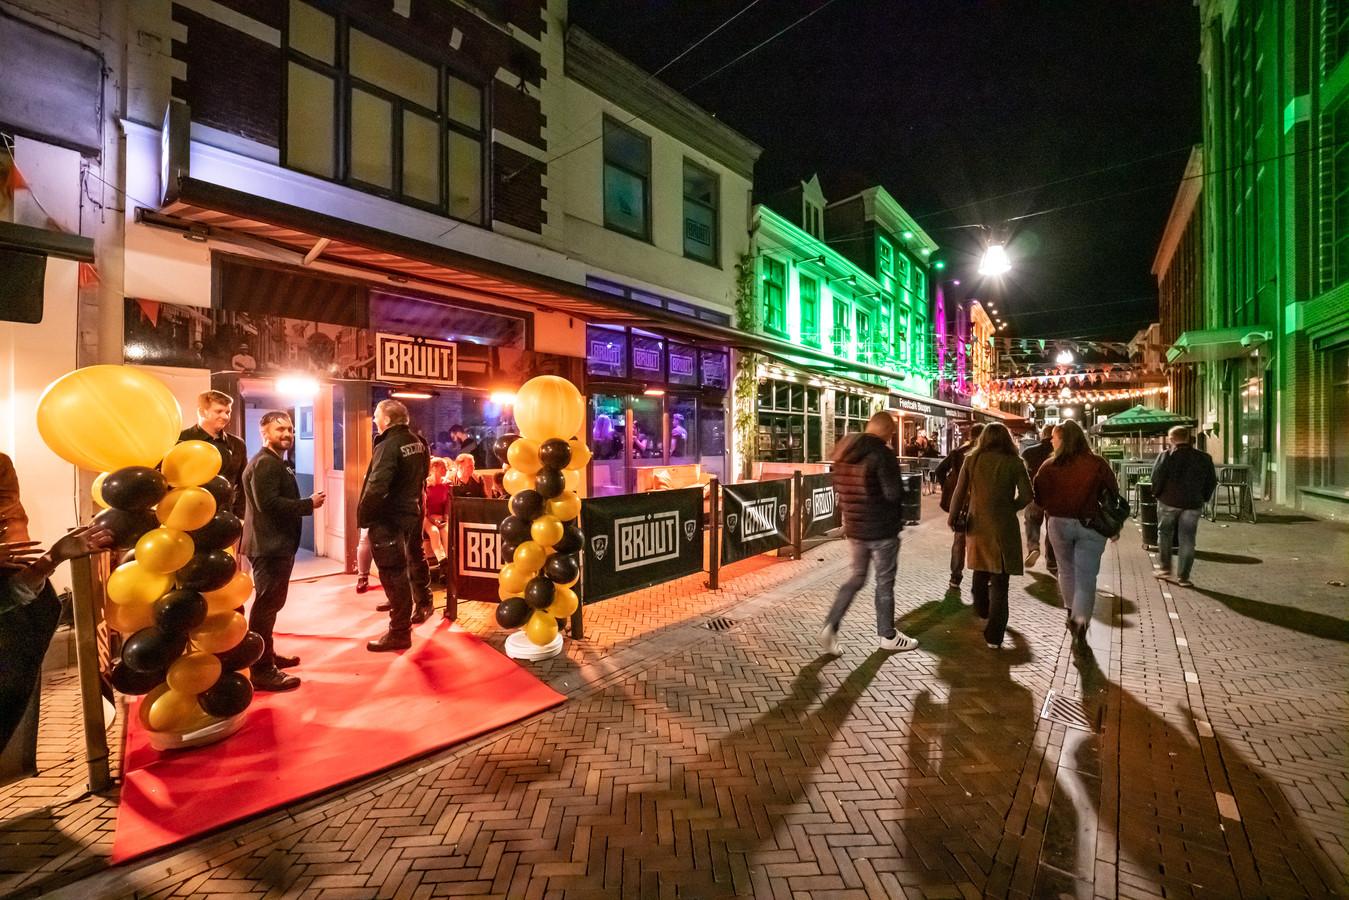 Beveiligers van BKBD aan de deur van café Bruut in De Voorstraat bij de heropening in mei 2019 nadat het Bibob-onderzoek was afgerond. Tweede van links is eigenaar Bob Kooistra van beide bedrijven.